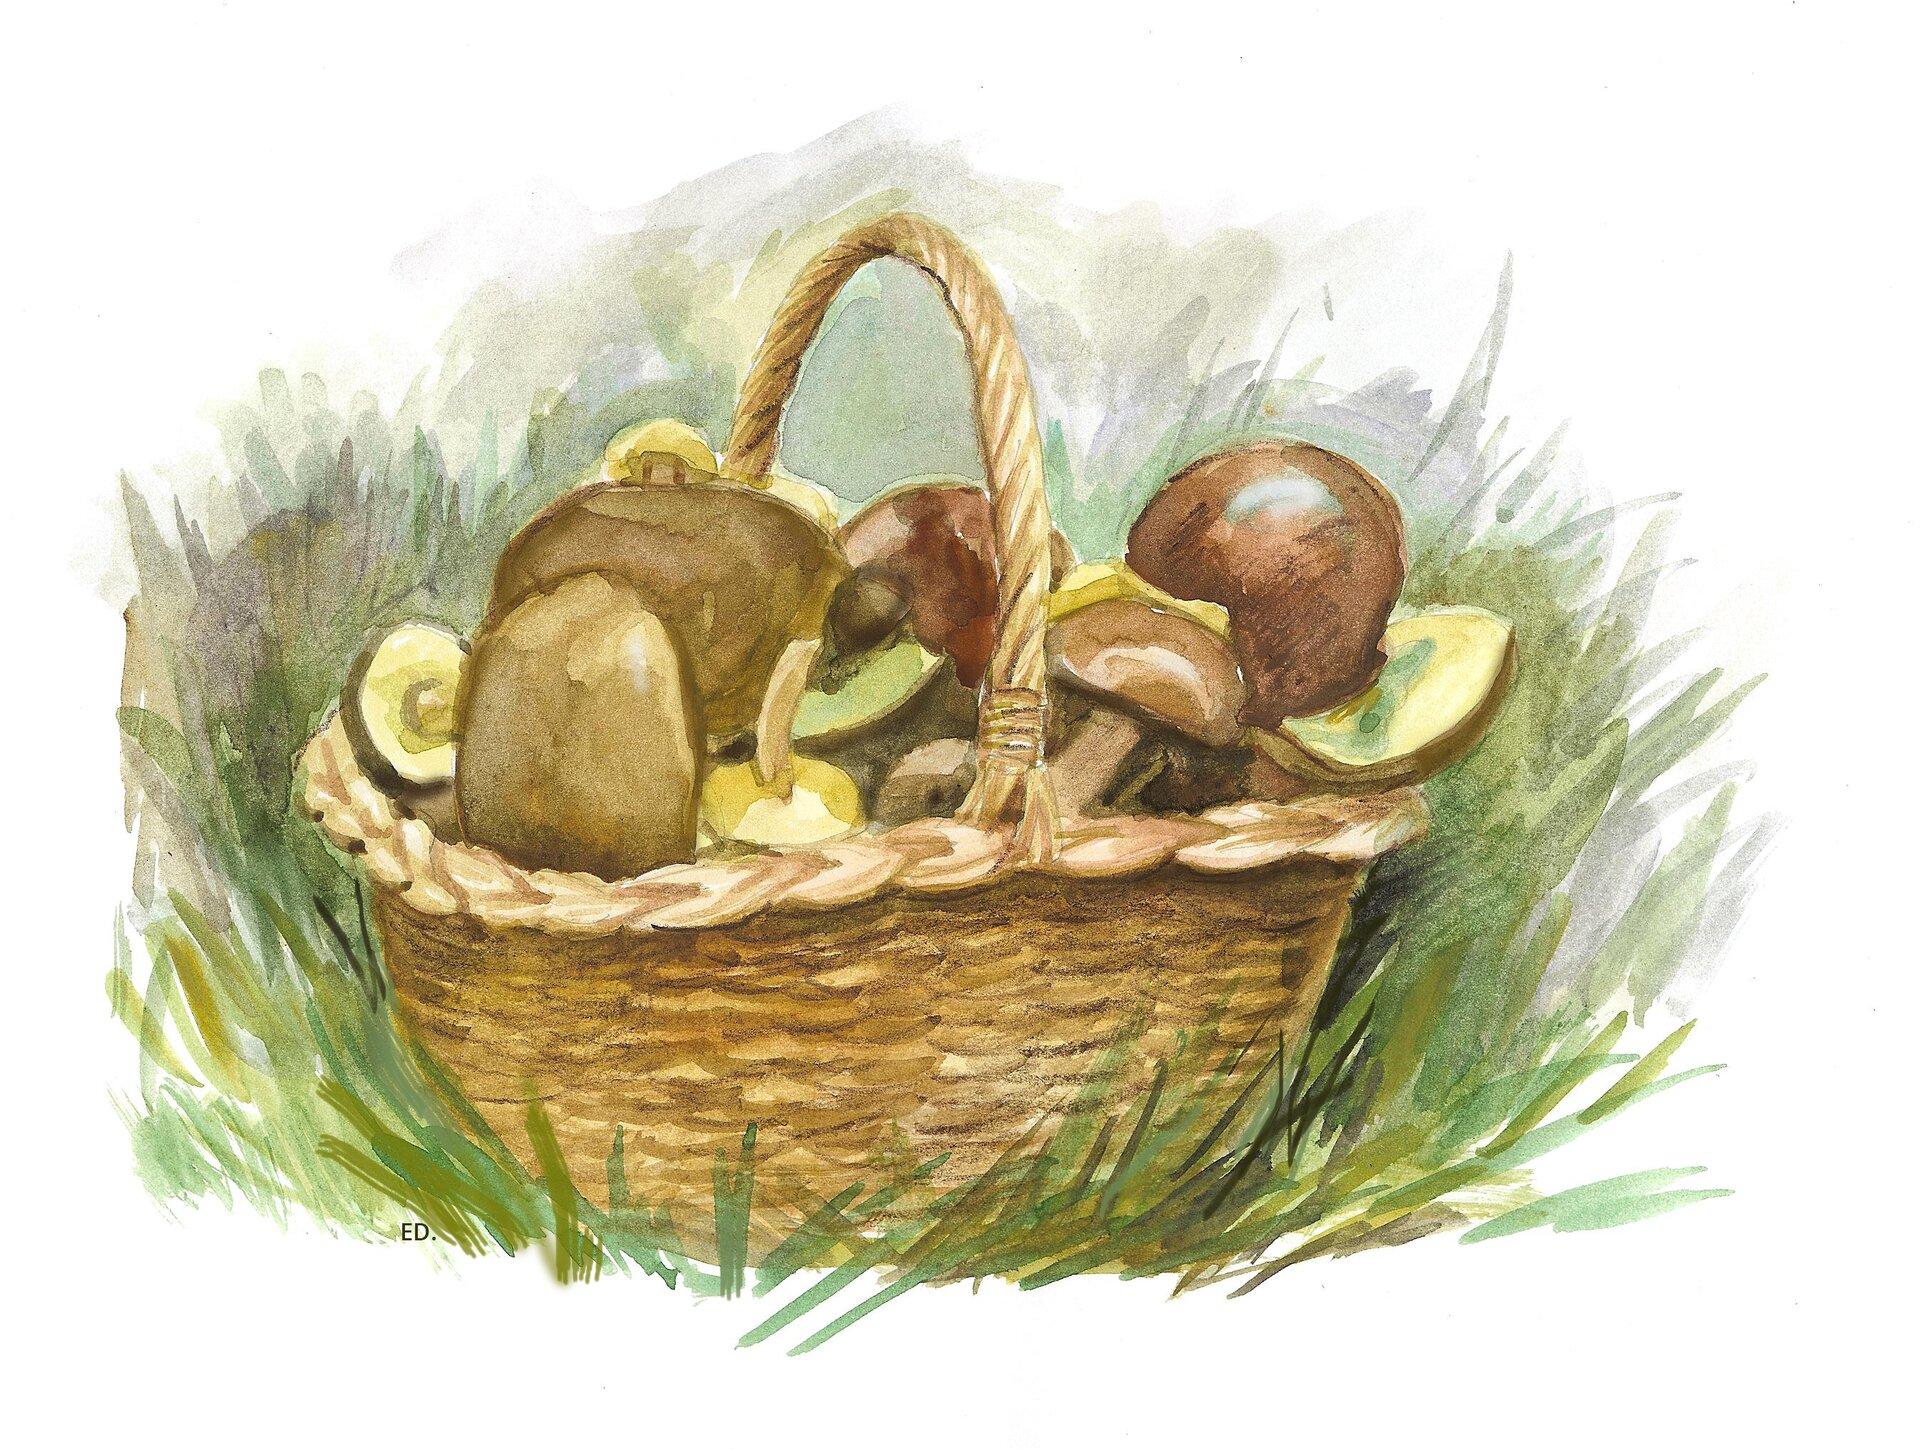 Ilustracja przedstawiająca grzyby wkoszu